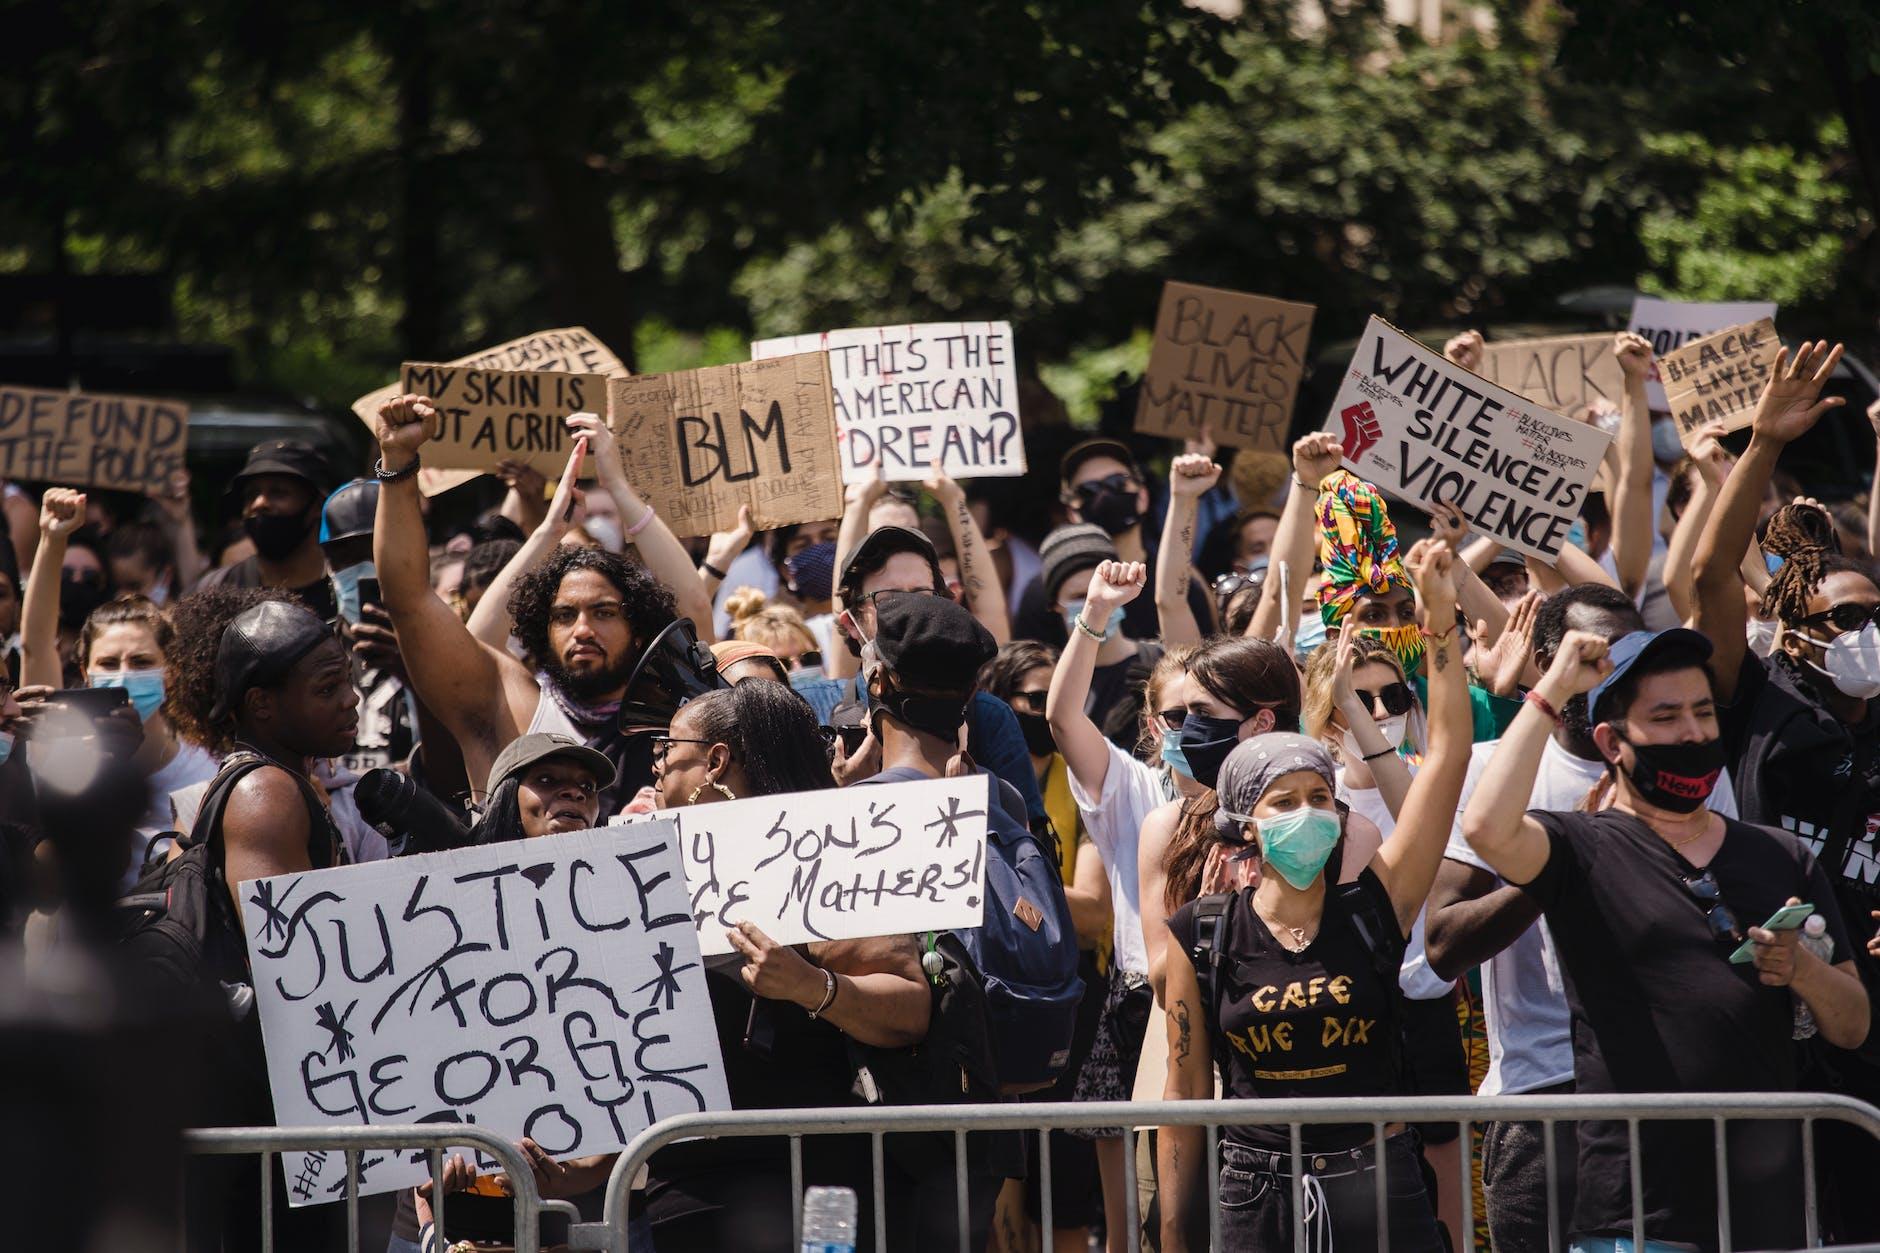 MOTSATT EFFEKT I BLACK LIVES MATTER DEMONSTRATIONER: RASISMEN KAN ÖKA